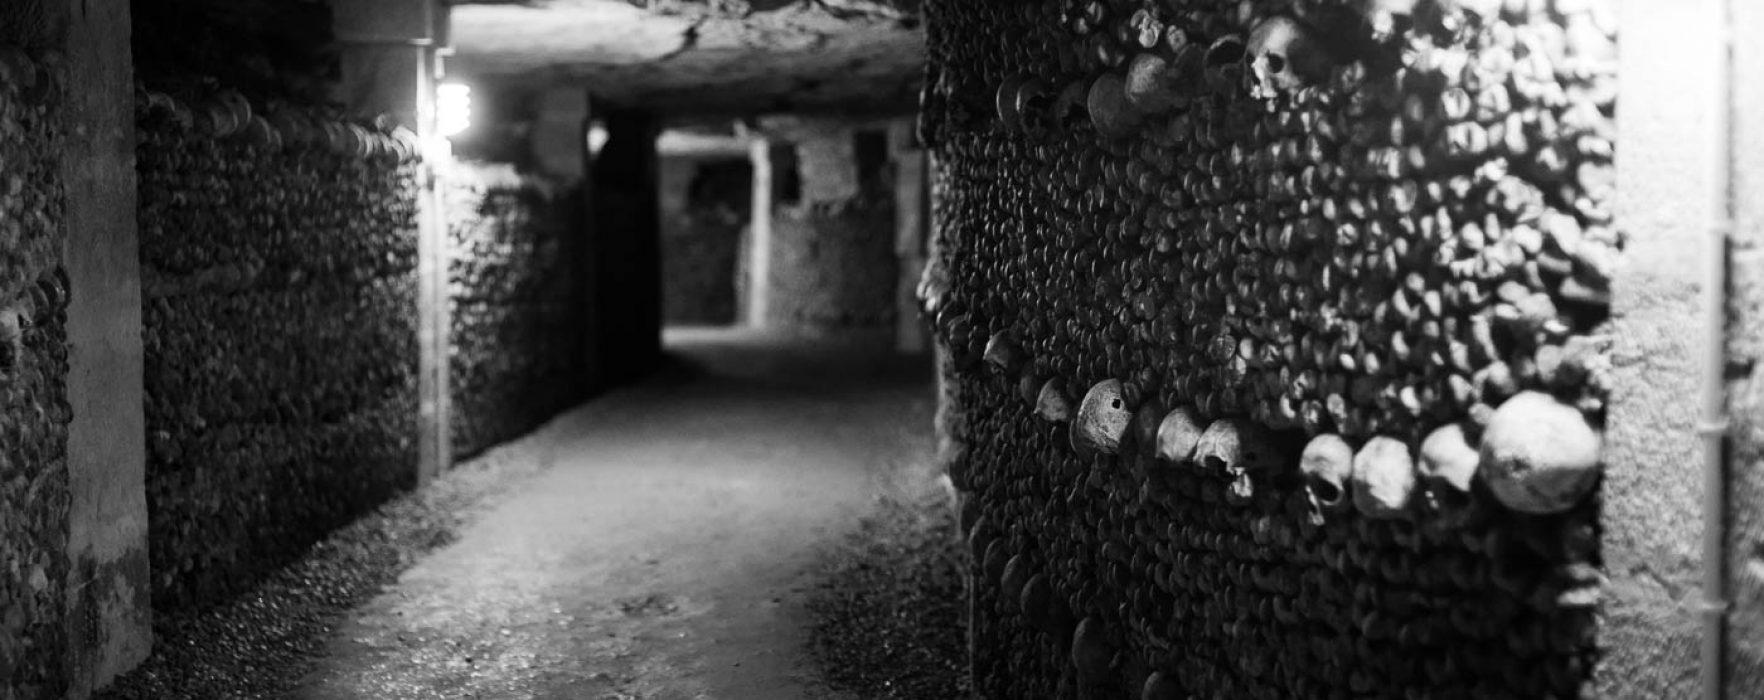 #483. Skulls and bones (Paris Catacombs)